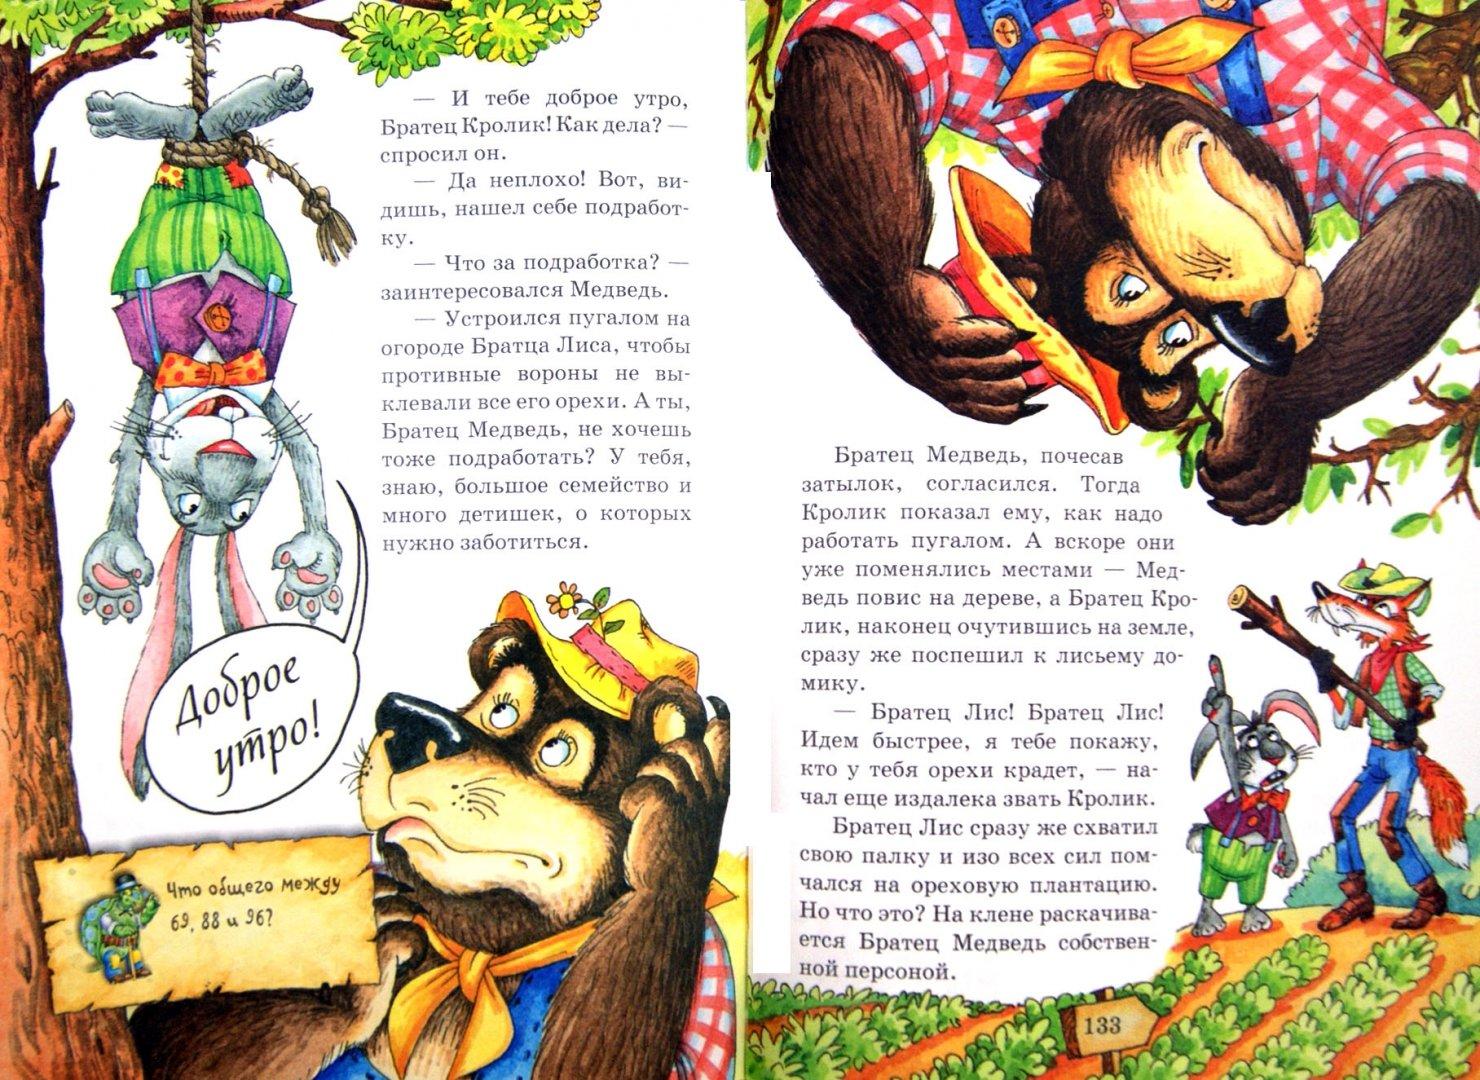 Иллюстрация 1 из 22 для Сказки дядюшки Римуса или рассказы о приключениях Братца Кролика, Братца Лиса и всех-всех-всех - Джоэль Харрис | Лабиринт - книги. Источник: Лабиринт